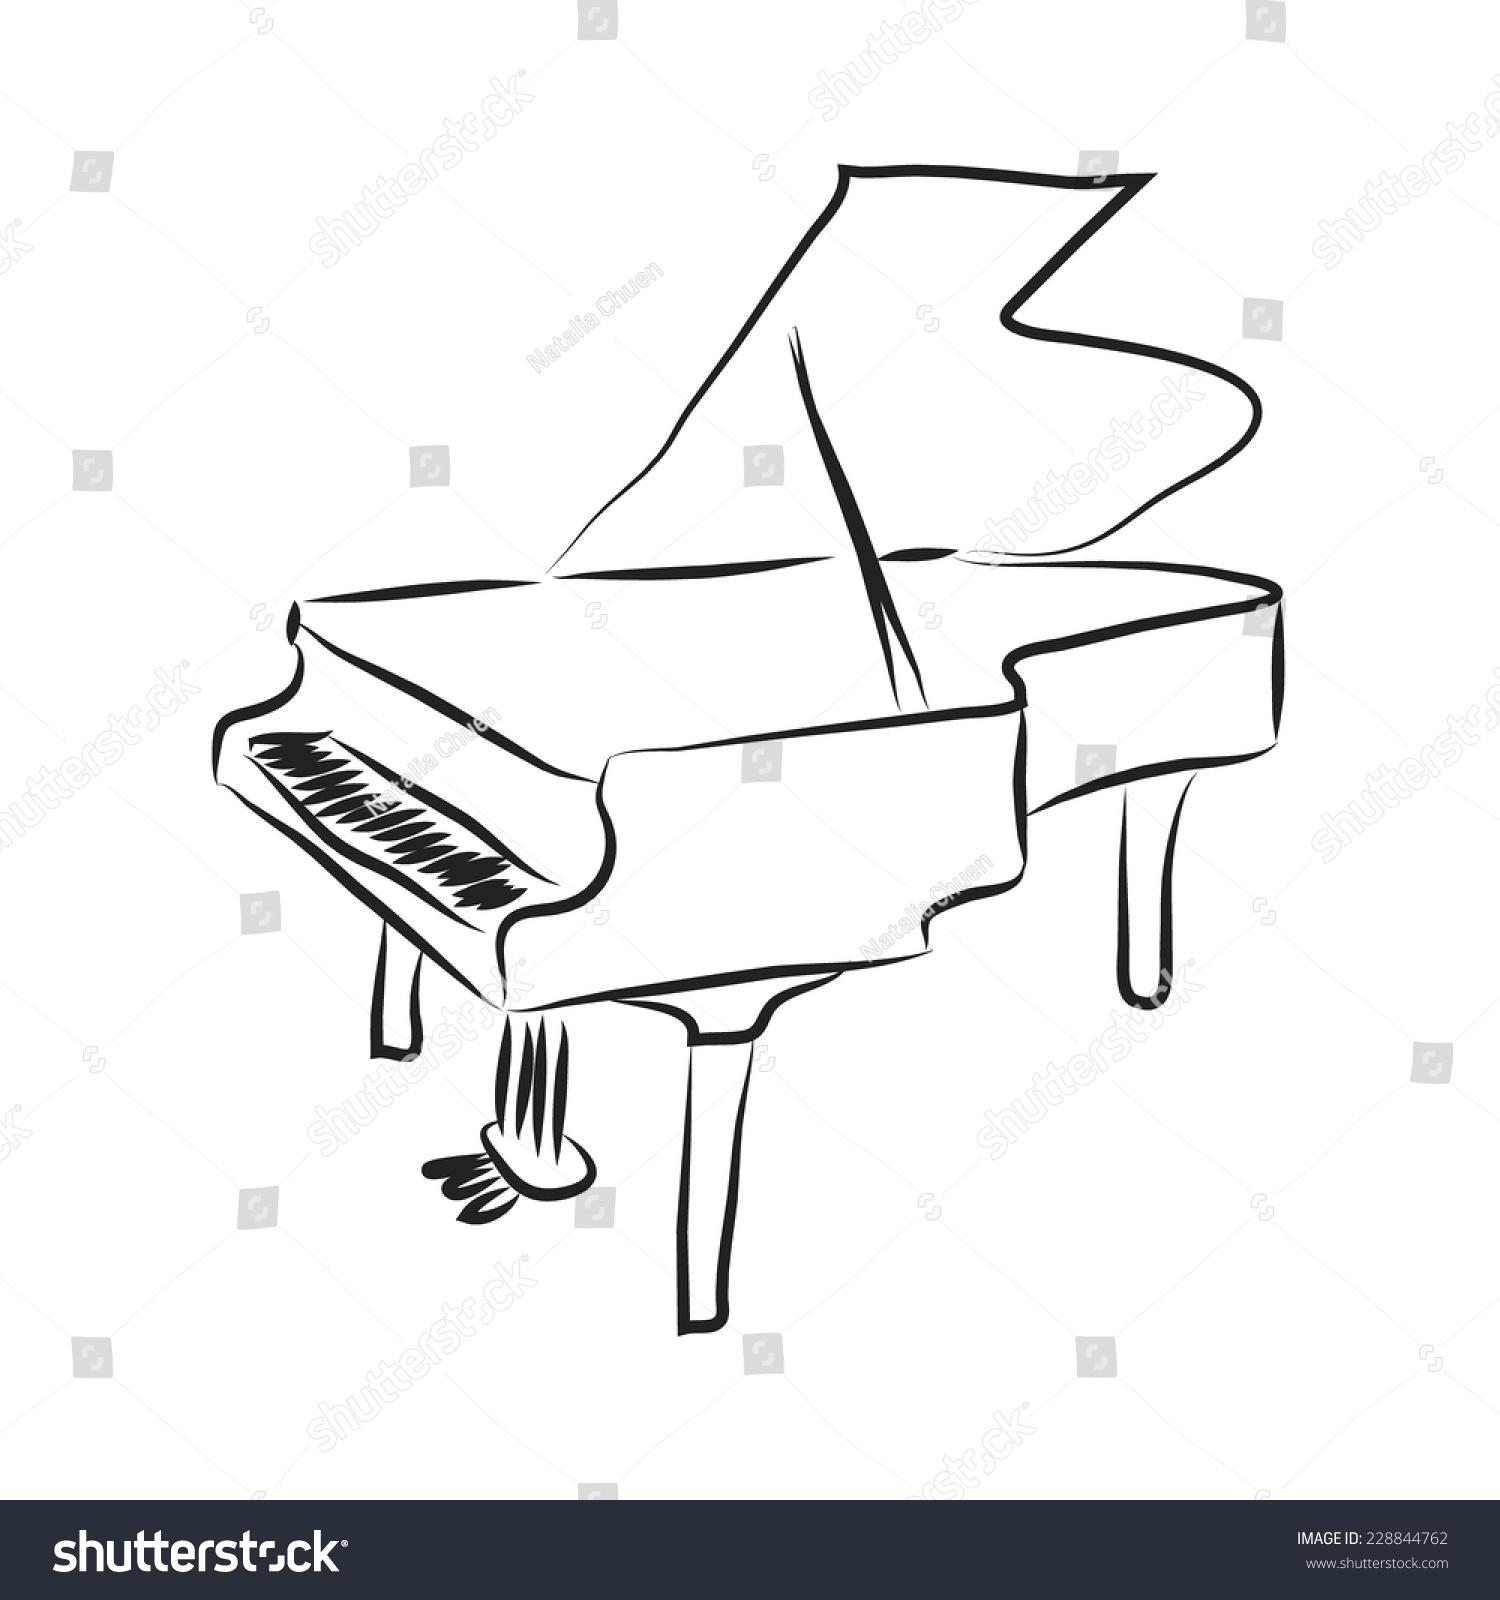 黑色和白色卡通钢琴.矢量彩色草图